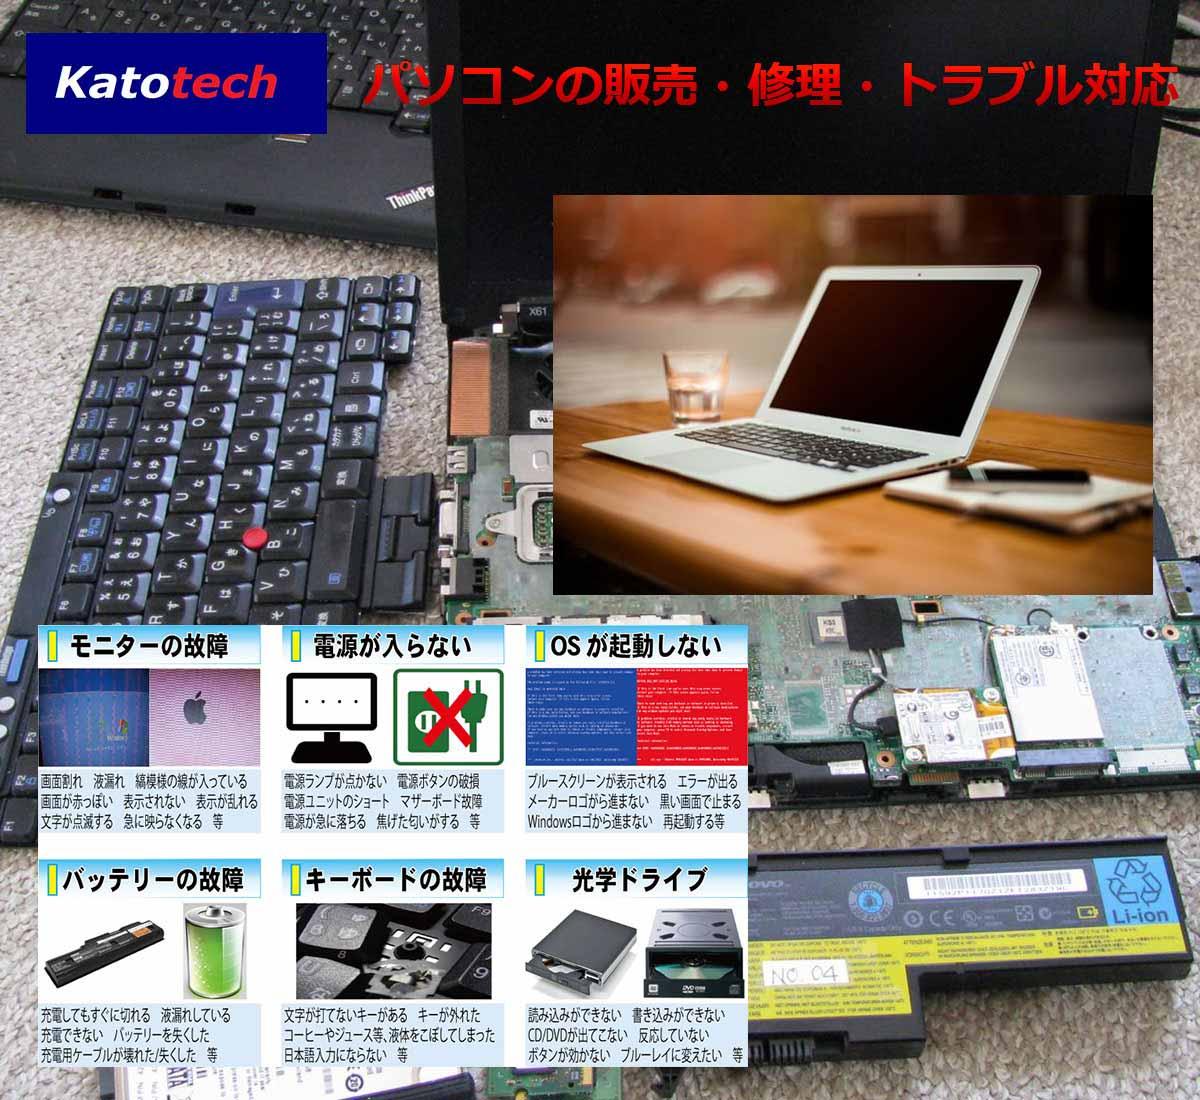 電腦修理及販賣